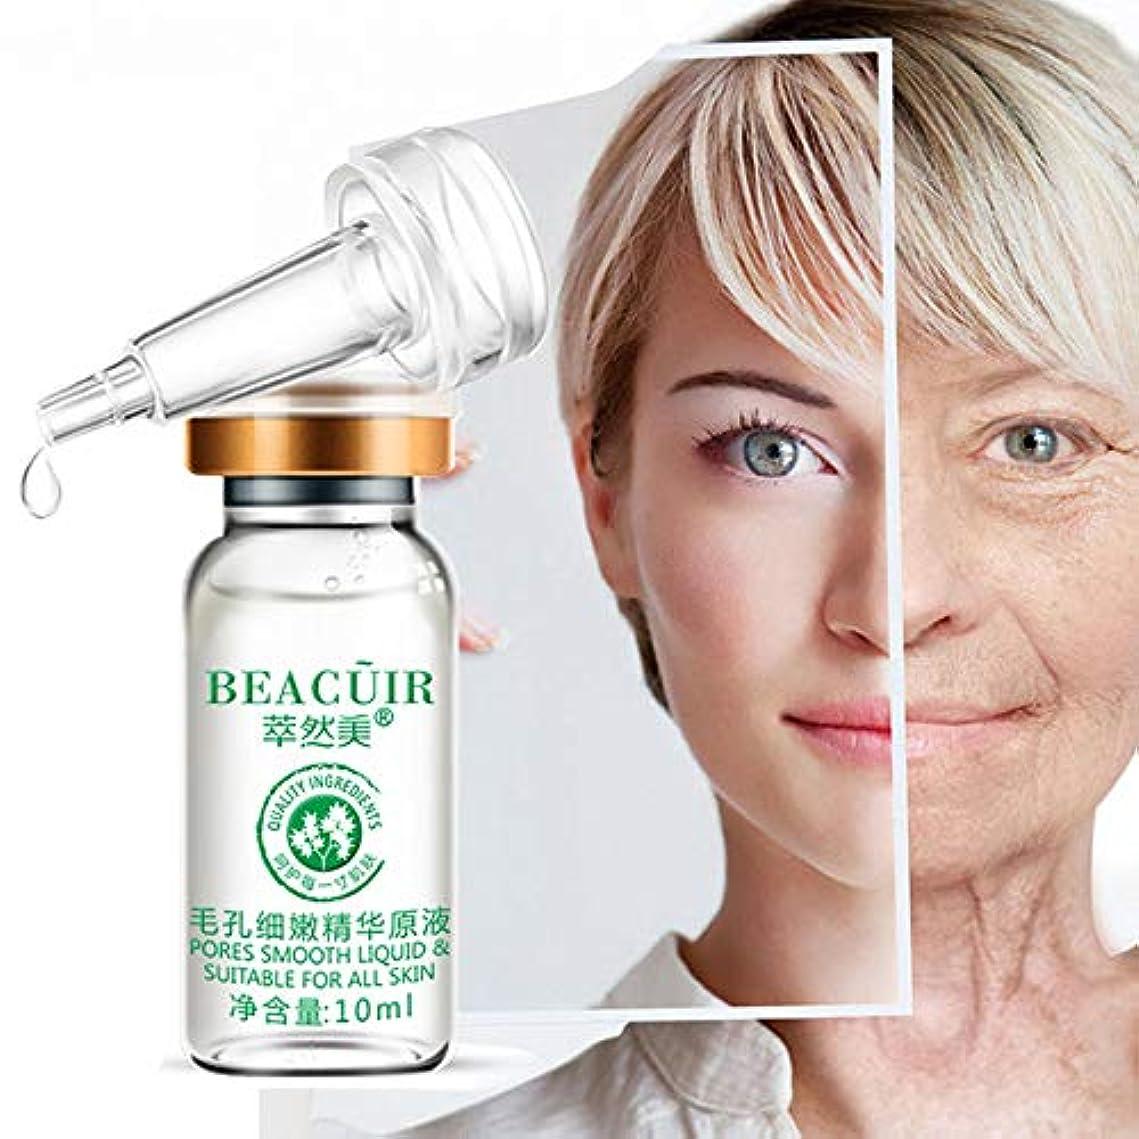 汗飛行機浸漬Akane BEACUIR 天然 水分 肌の明るさ 修復 美白 繊細 しわ取り 毛穴縮小 保湿 黒ずみ 角質除去 肌荒れ防止 くすんだ肌を改善し エッセンス 10ml